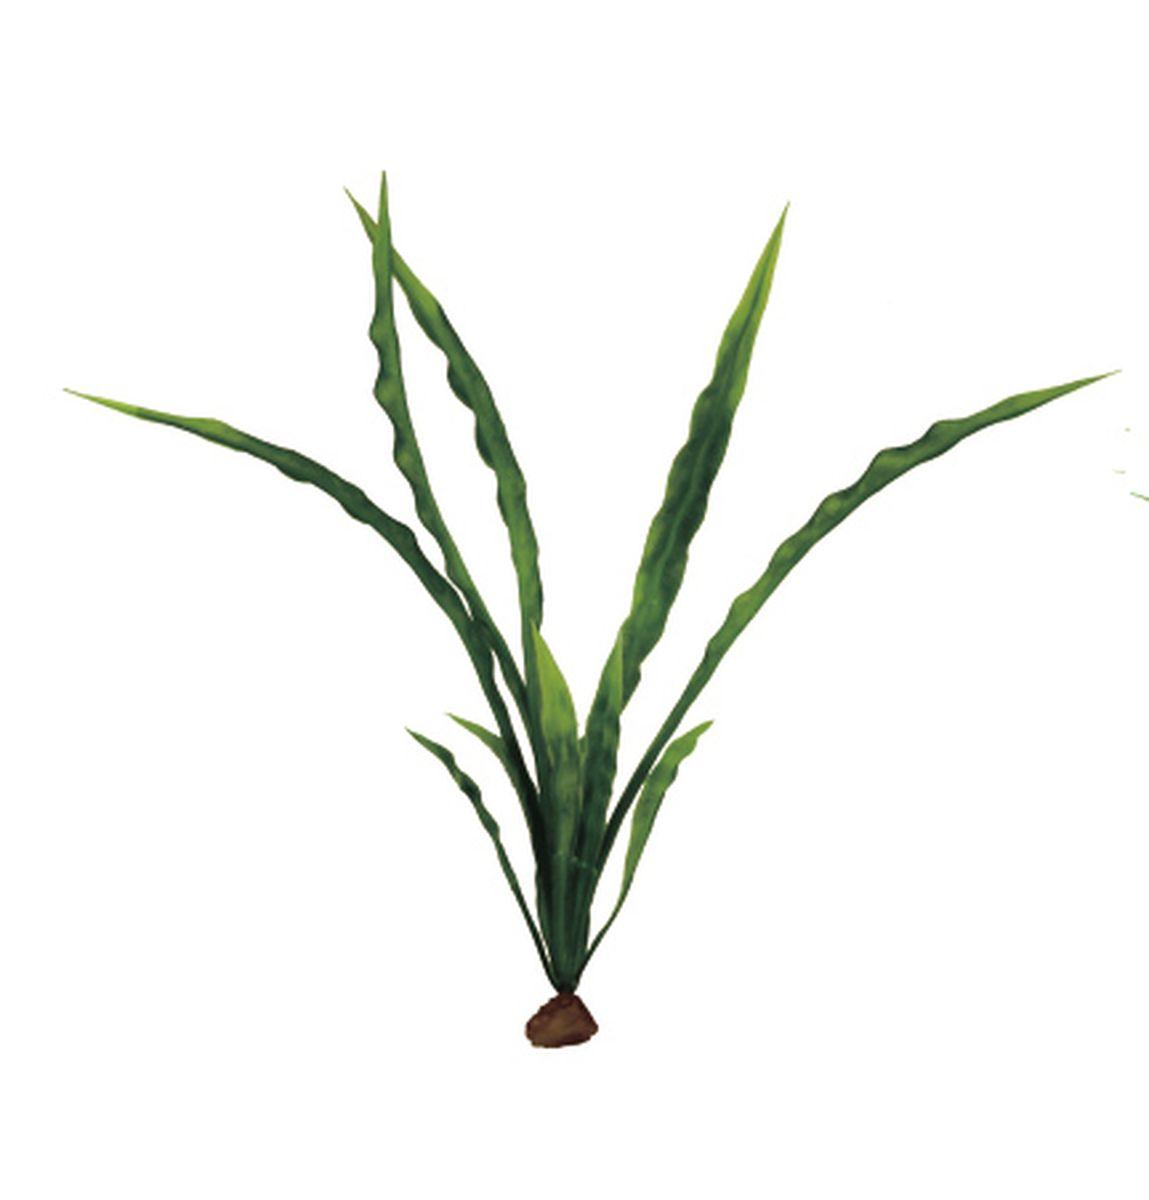 Растение для аквариума ArtUniq Криптокорина курчавая, 6 x 6 x 20 смART-1140509Растение для аквариума ArtUniq Криптокорина курчавая, 6 x 6 x 20 см